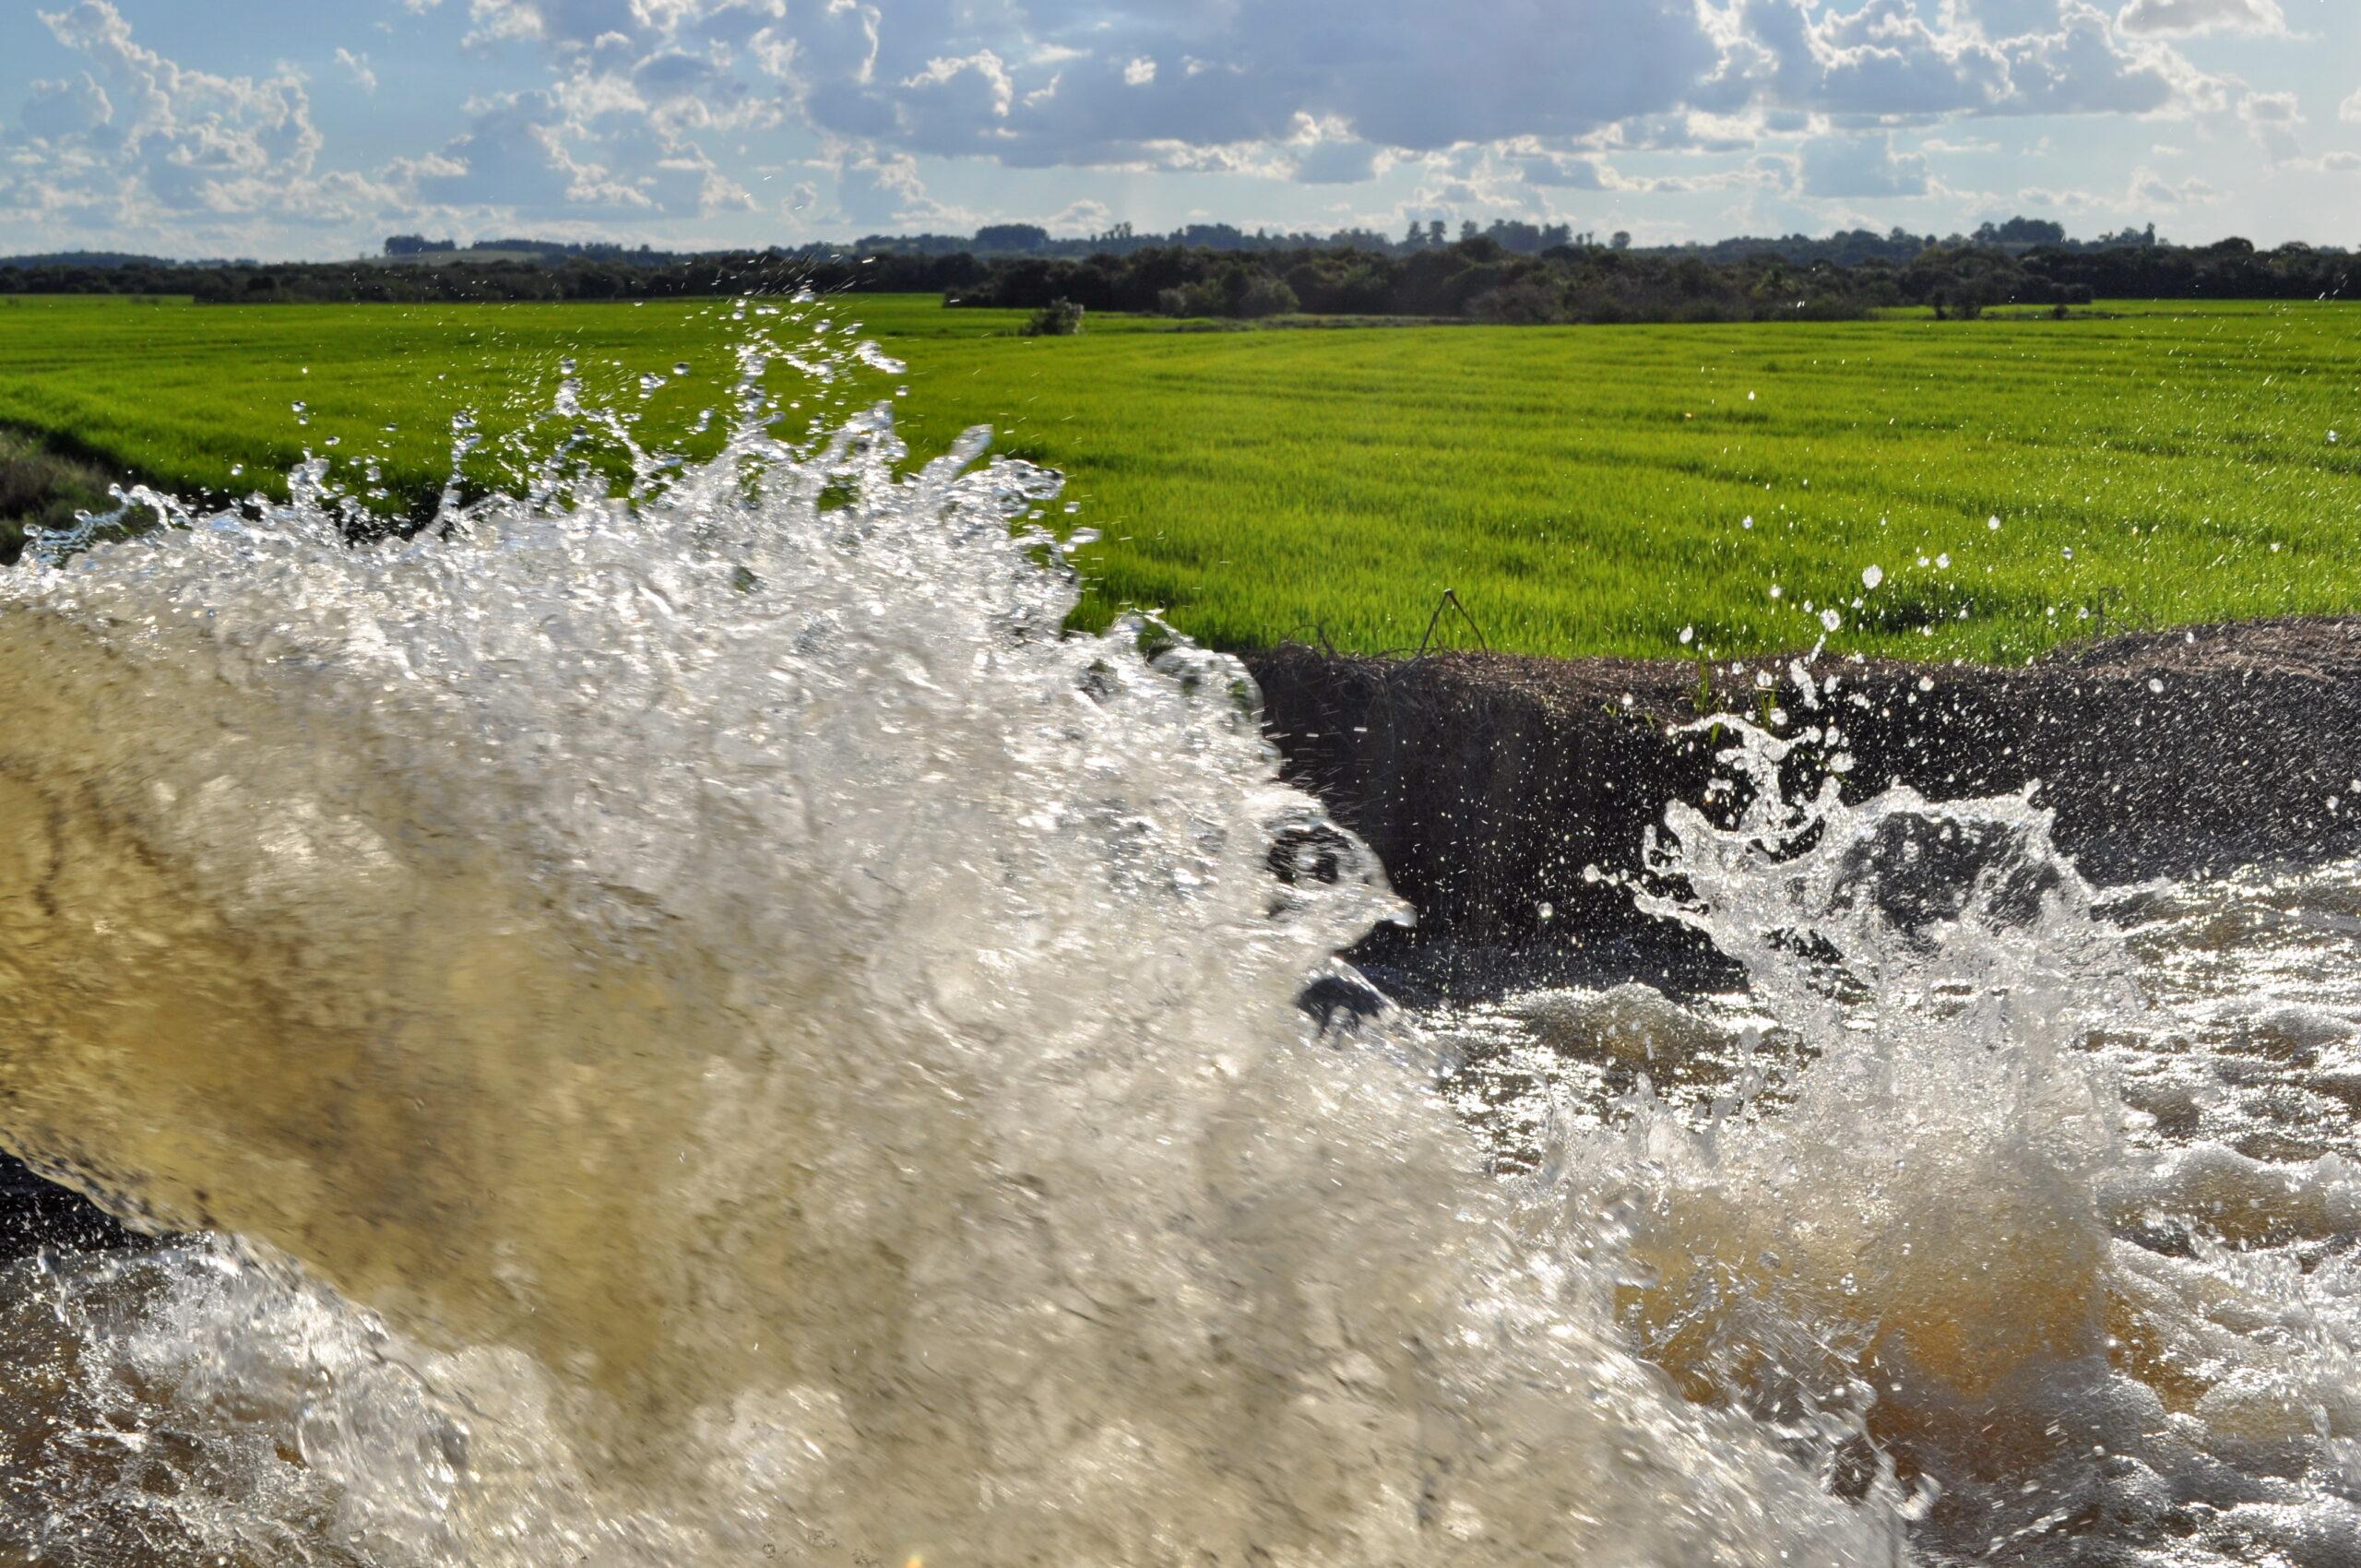 Monitoramento da irrigação tem nova tecnologia (Foto: Robispierre Giuliani/Planeta Arroz)